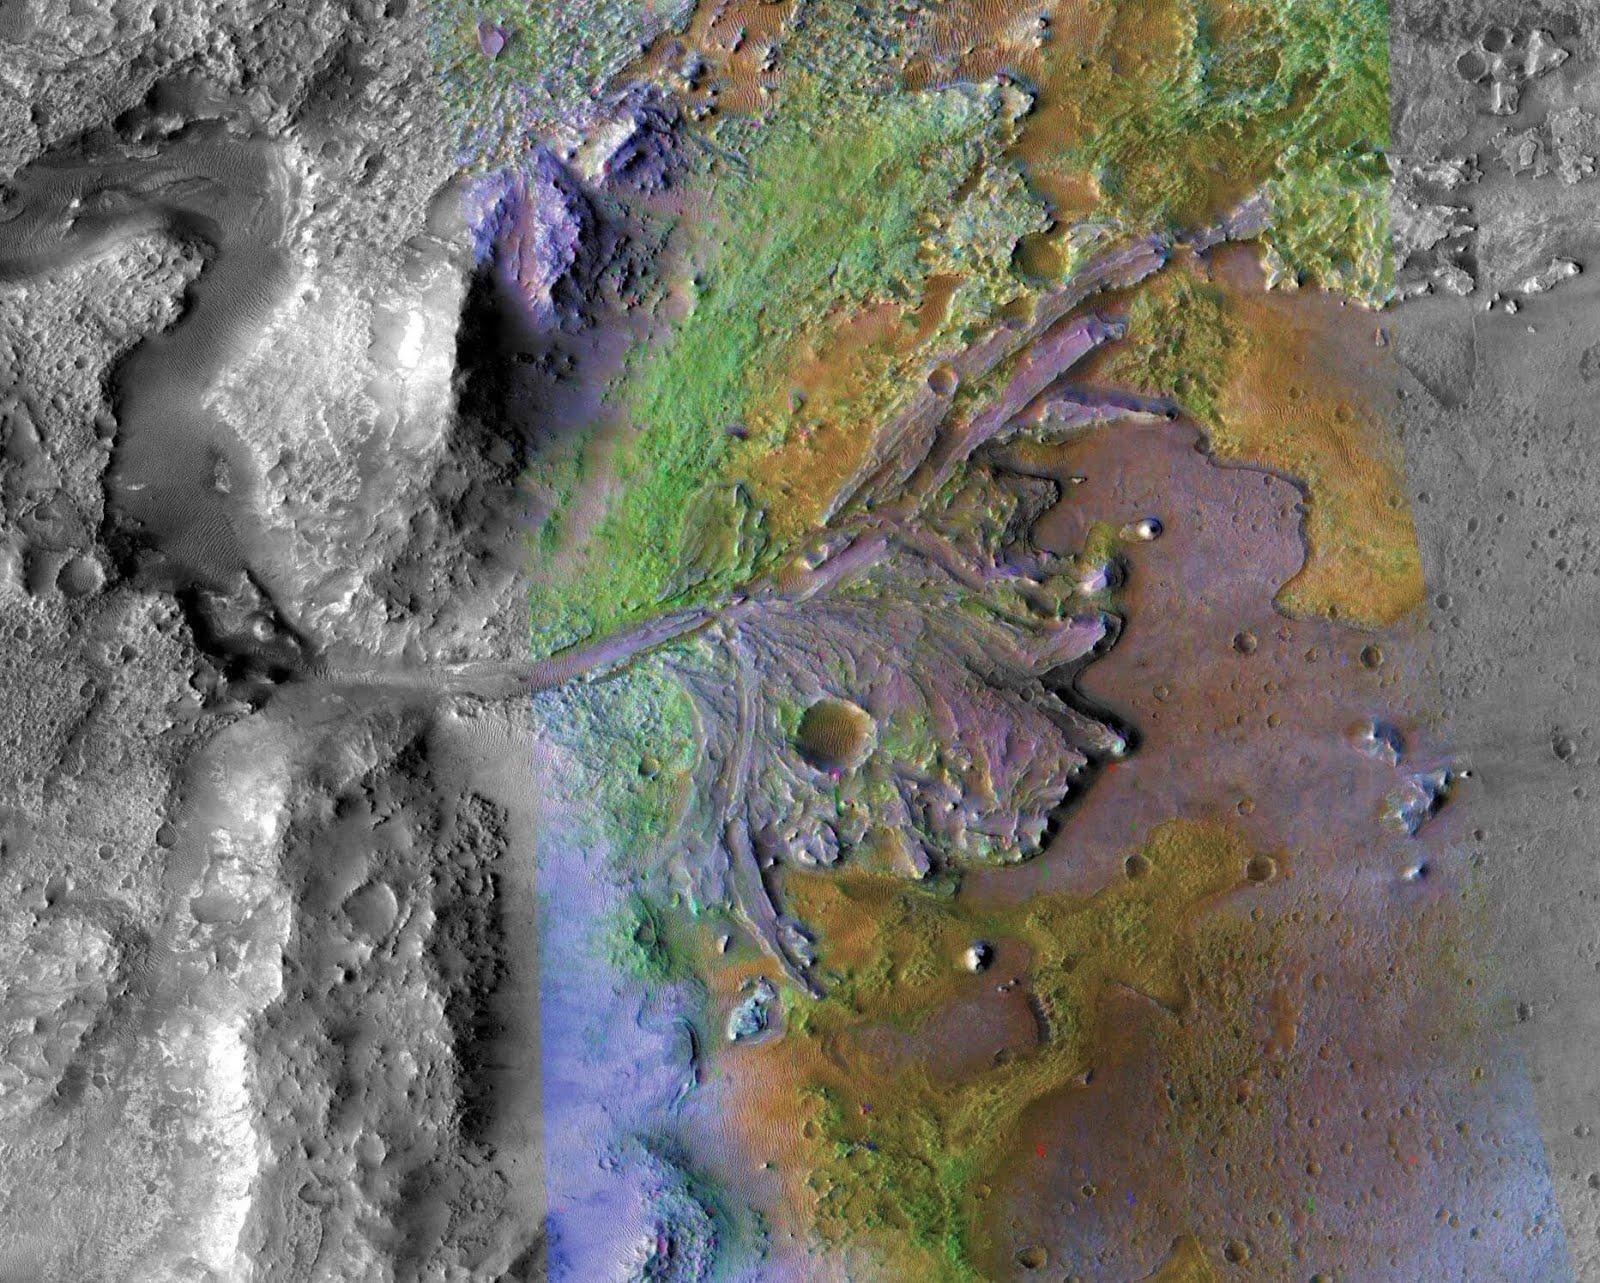 Immagine NASA della zone in cui si svolgerà la missione MSR2020.  Credit: NASA and JPL-Caltech